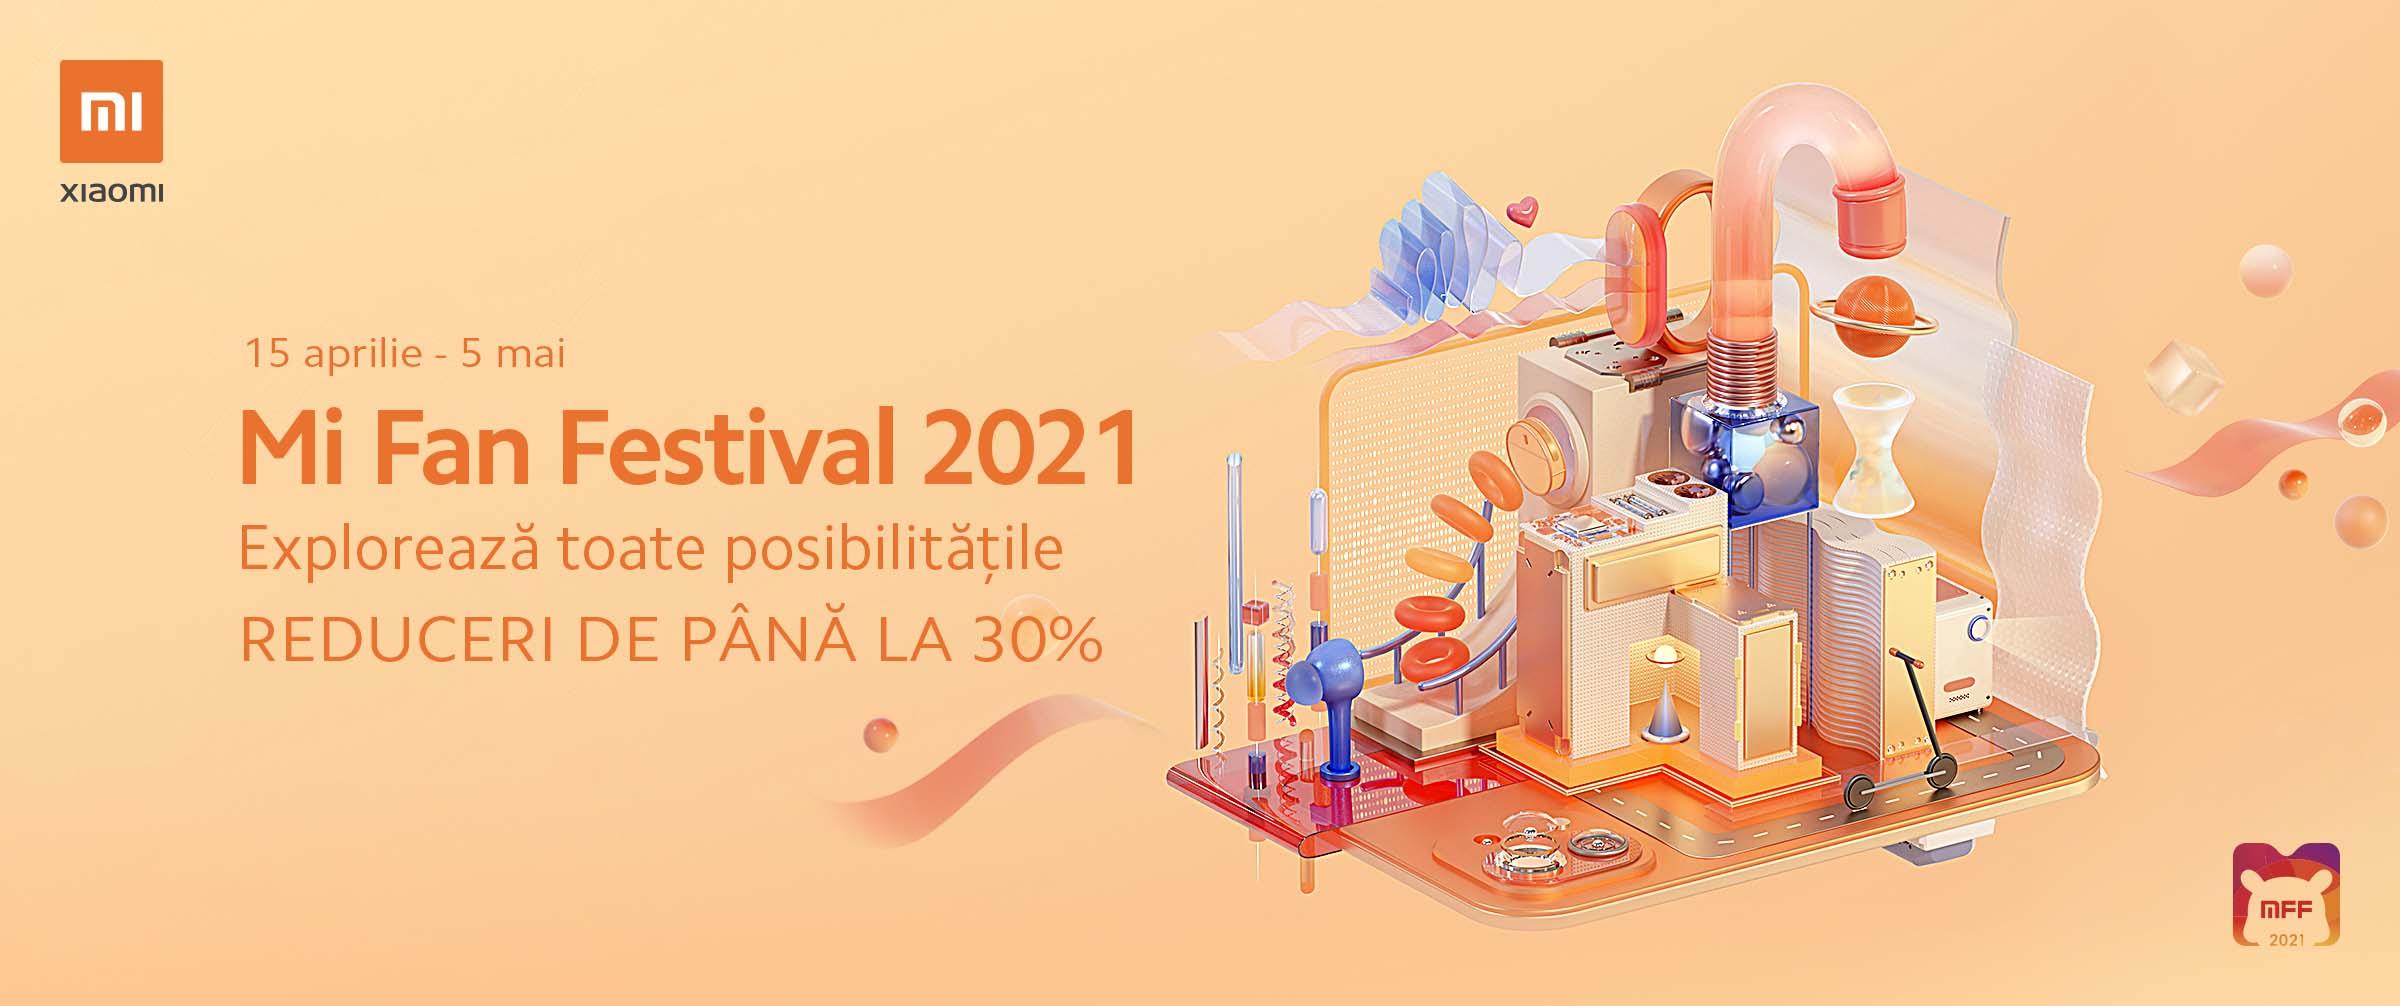 mi fan festival românia